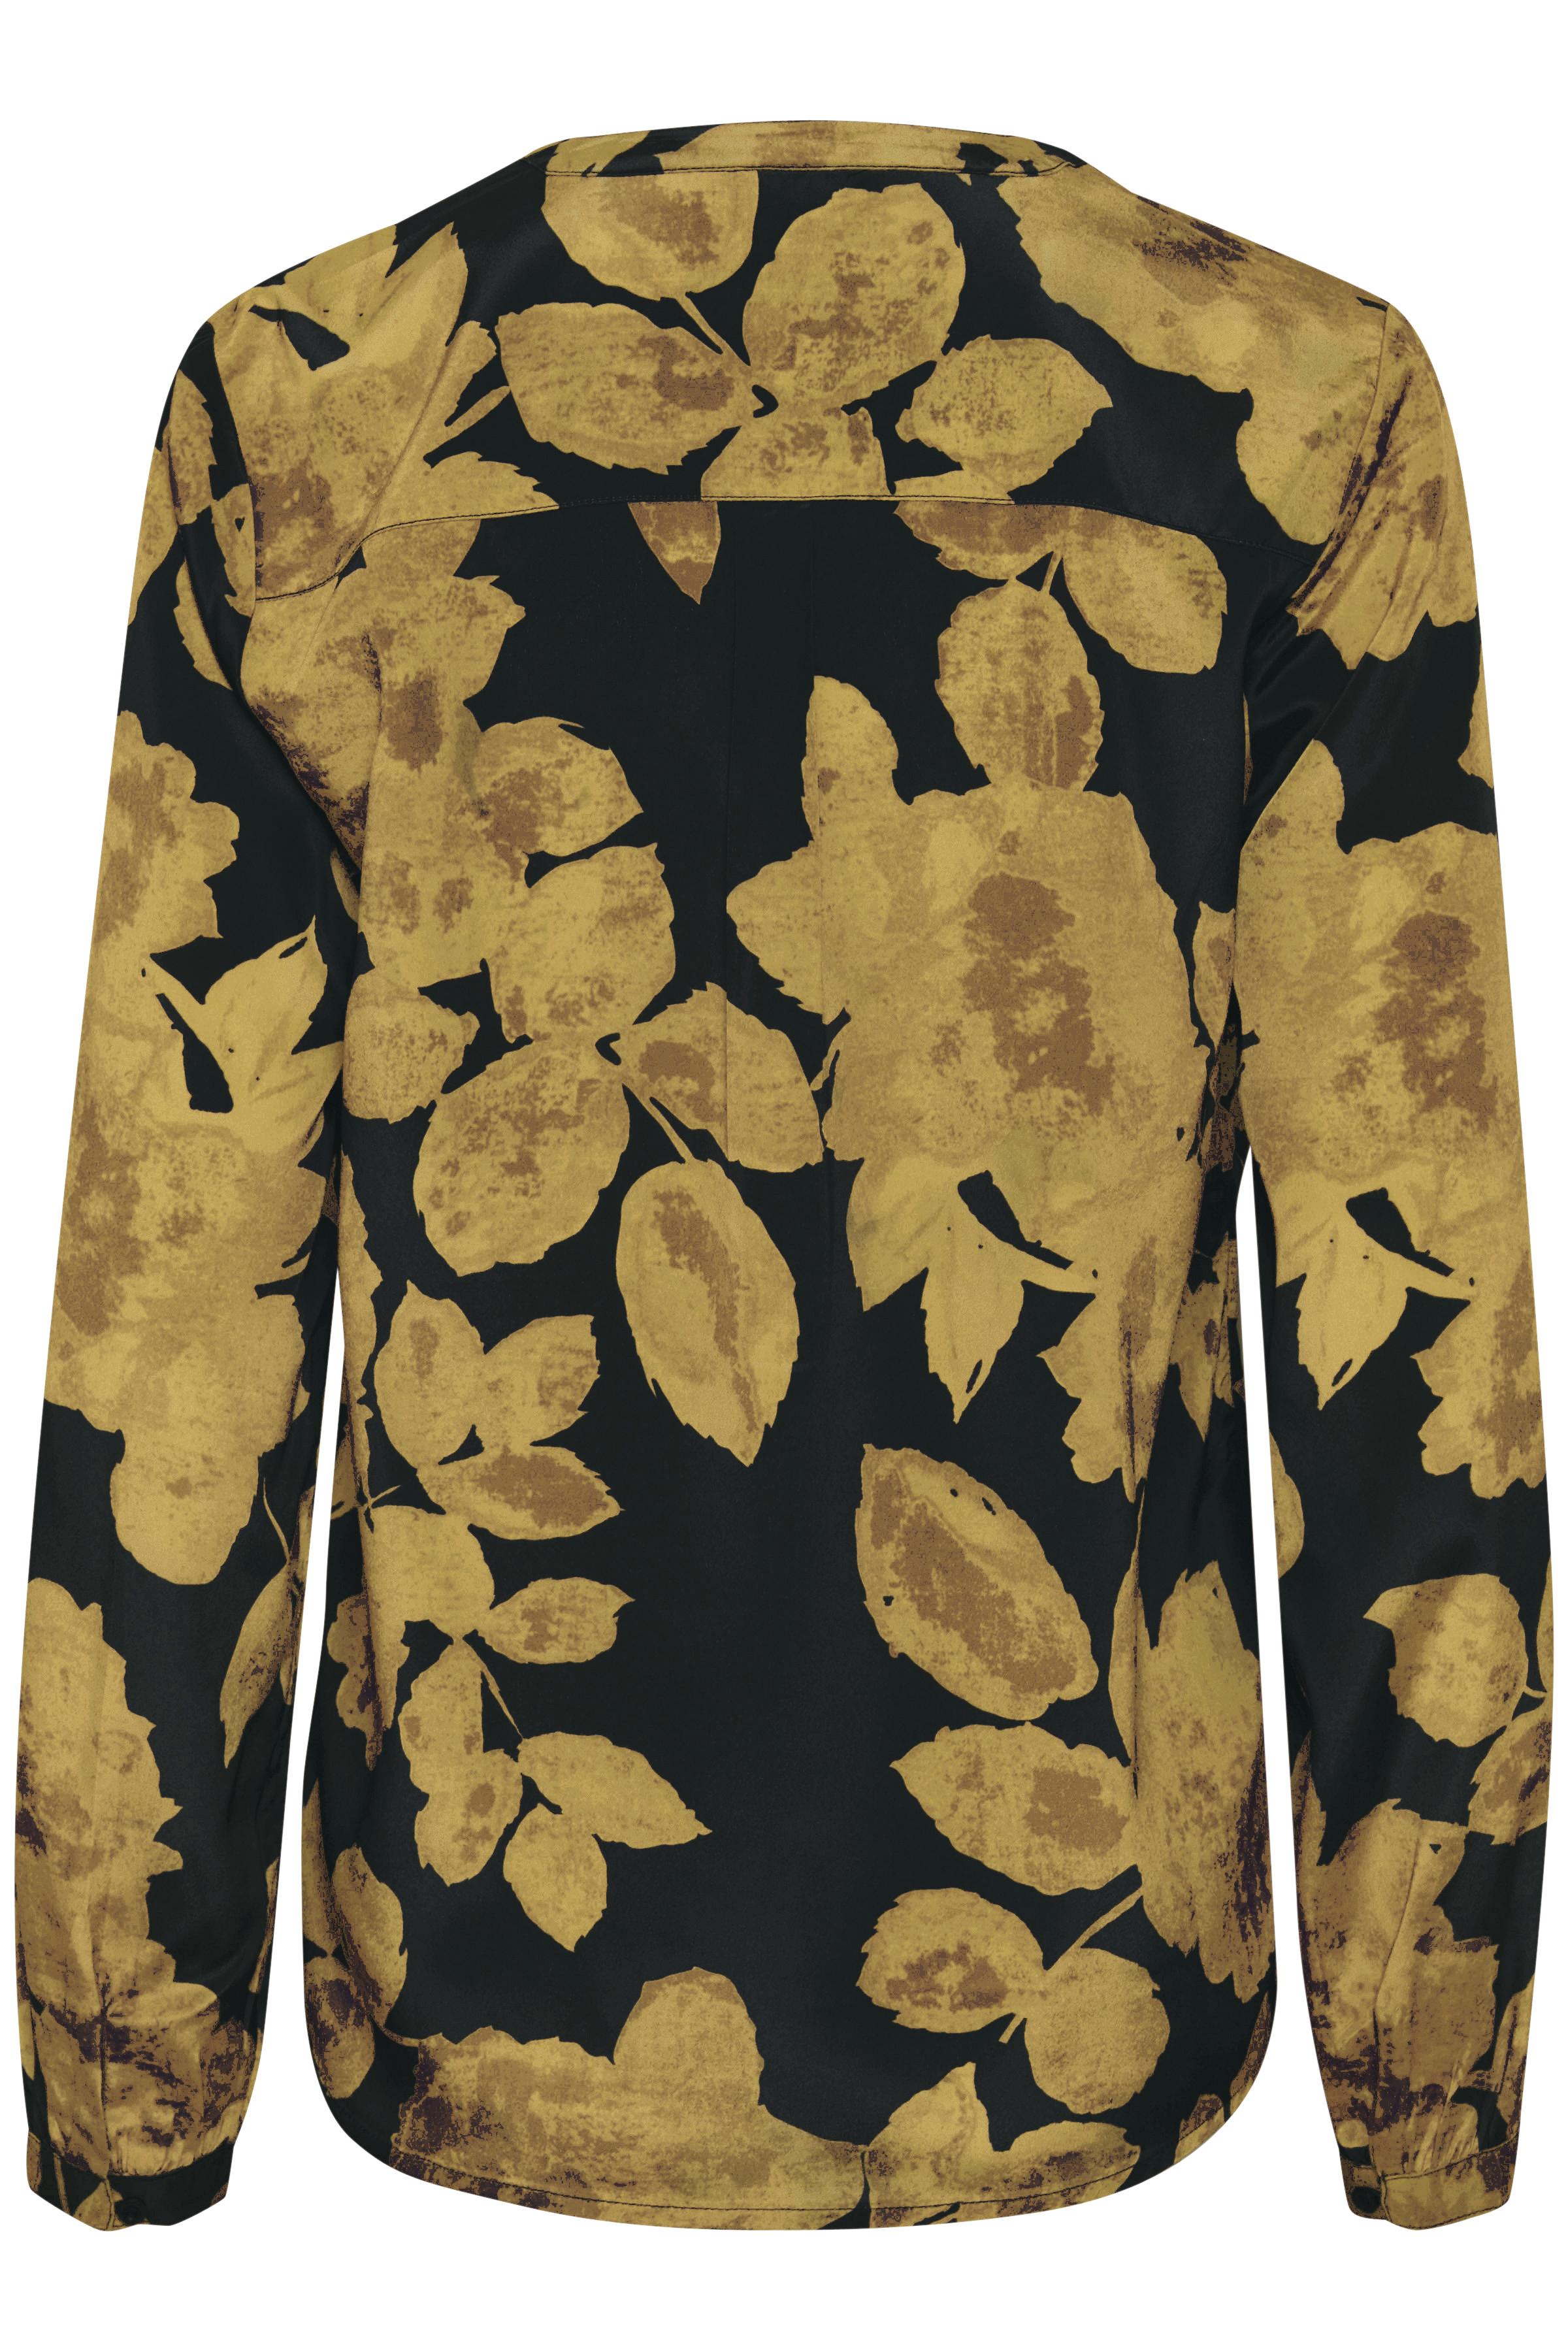 Gul/sort Langærmet bluse fra Bon'A Parte – Køb Gul/sort Langærmet bluse fra str. S-2XL her